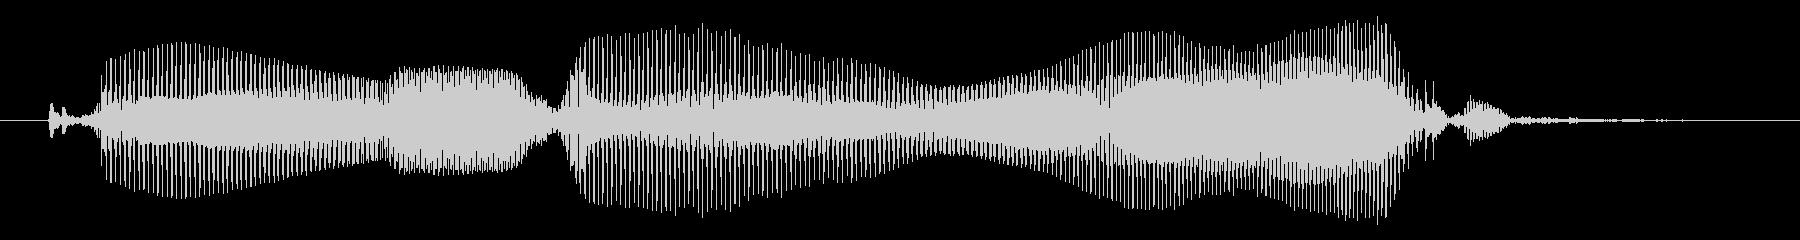 こんばんはの未再生の波形